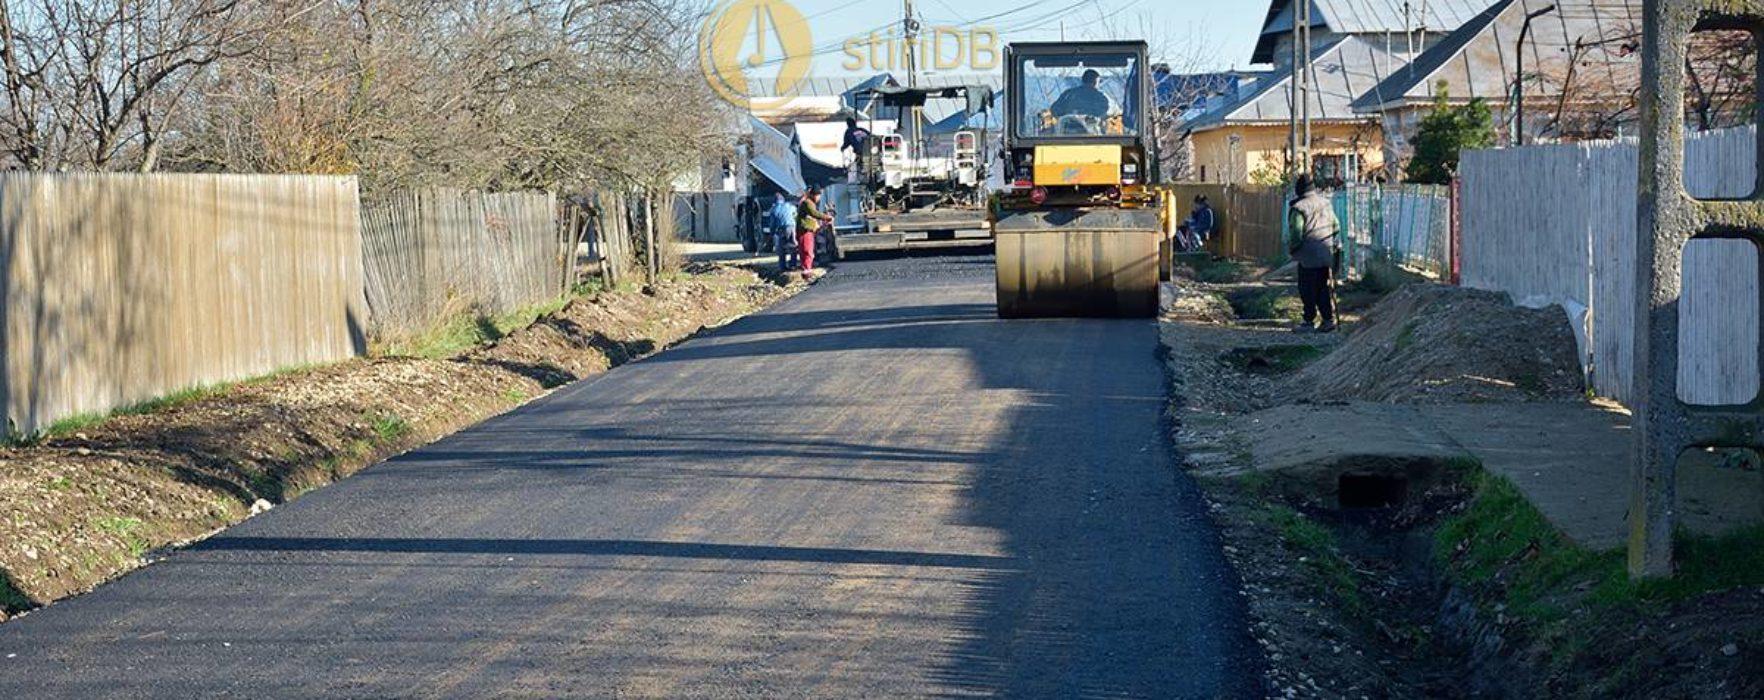 Petreşti: Lucrări de asfaltare cu bani de la bugetul de stat, dar şi asocieri consiliul local-consiliul judeţean